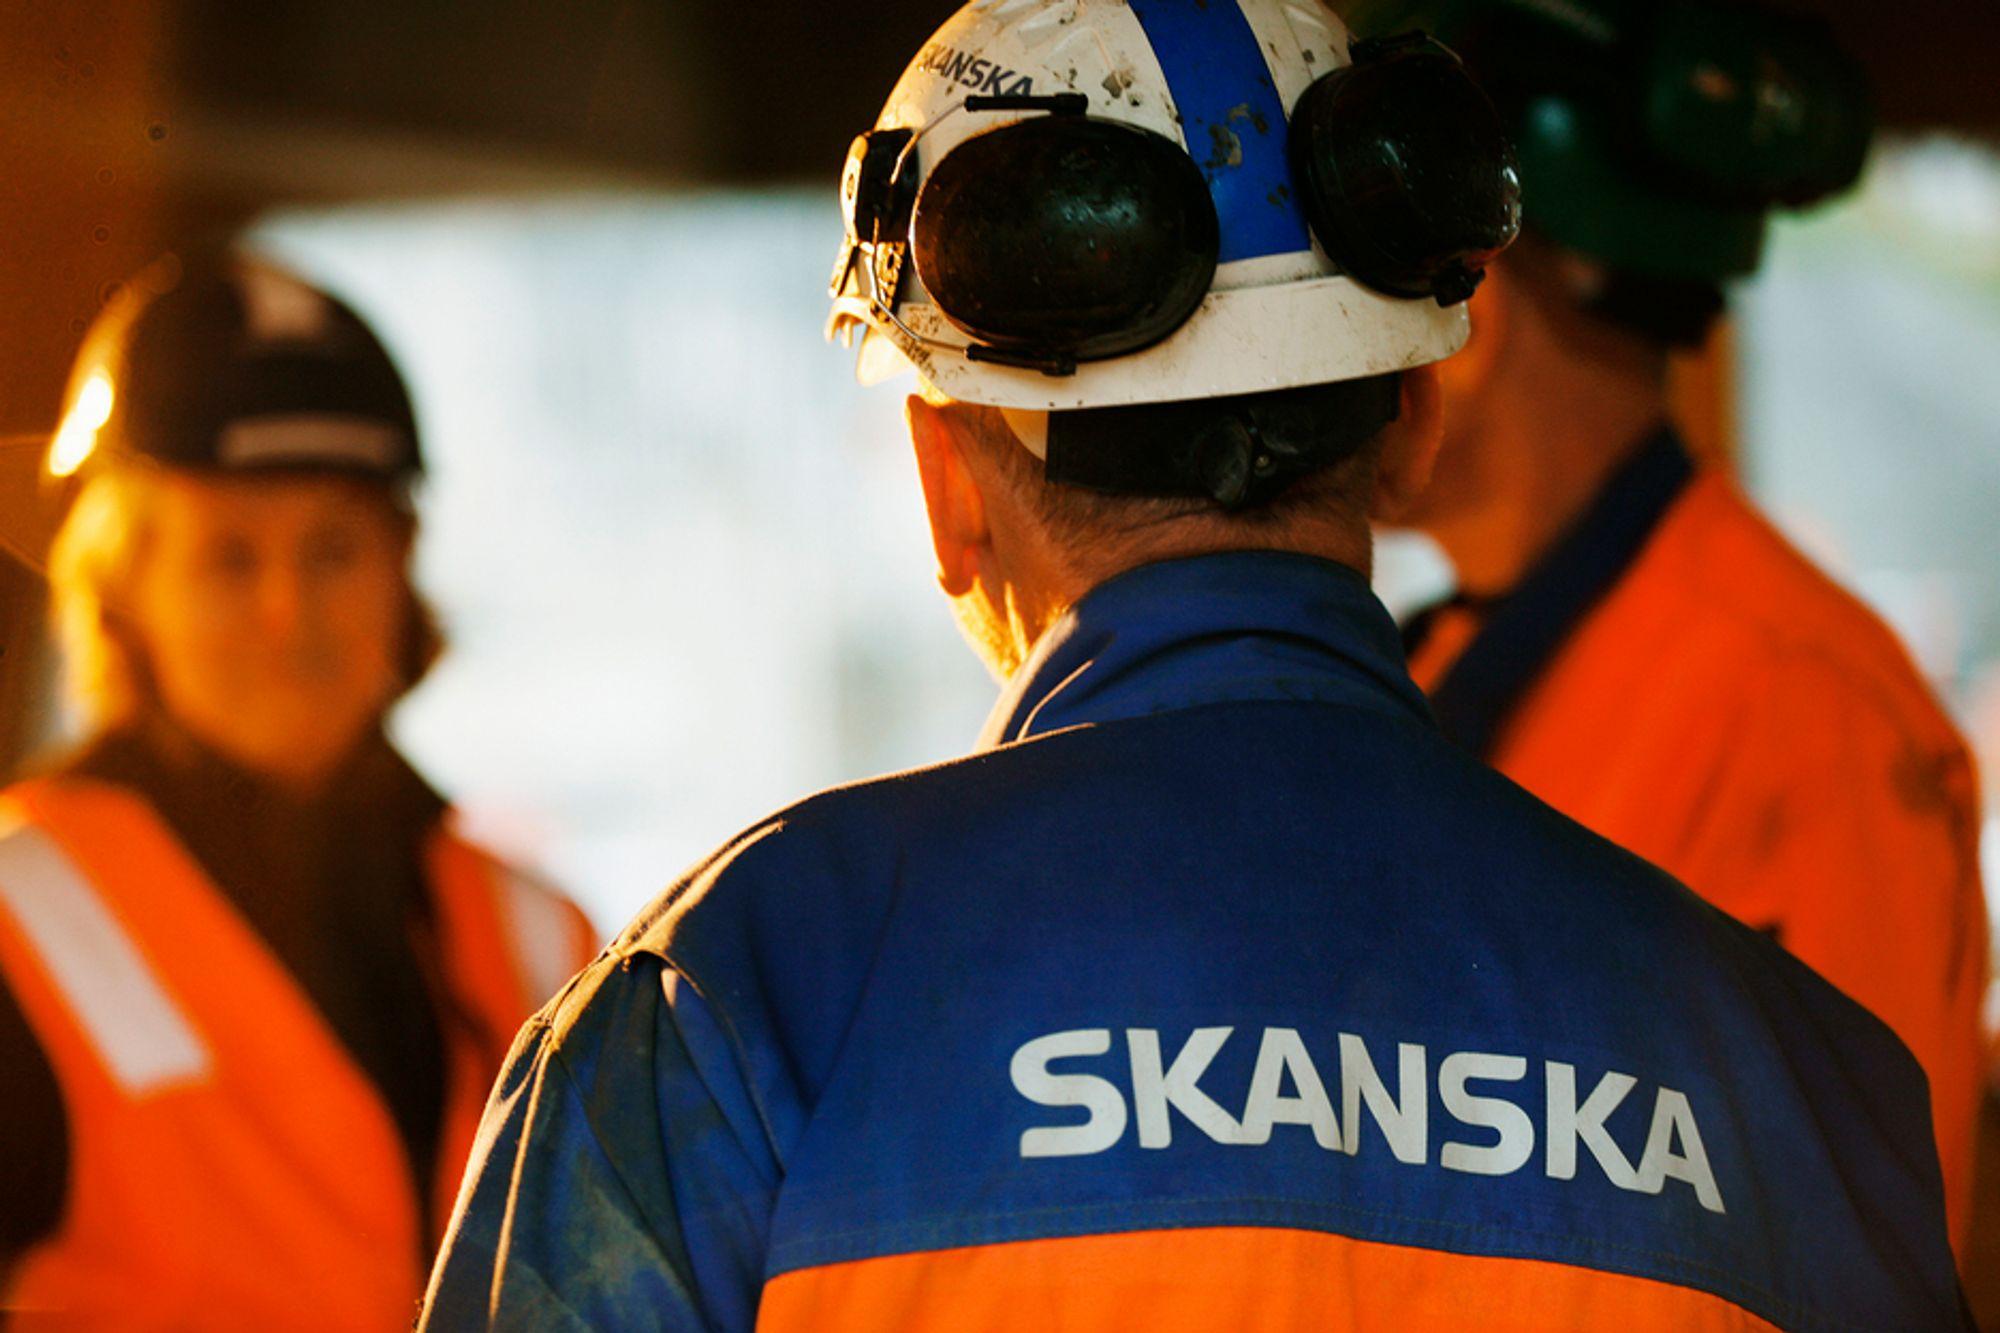 Det er færre Skanska-kjeledresser i sving på byggeplassene nå enn i fjor. Derfor tjener selskapet nesten like godt som i pre-krisetider.